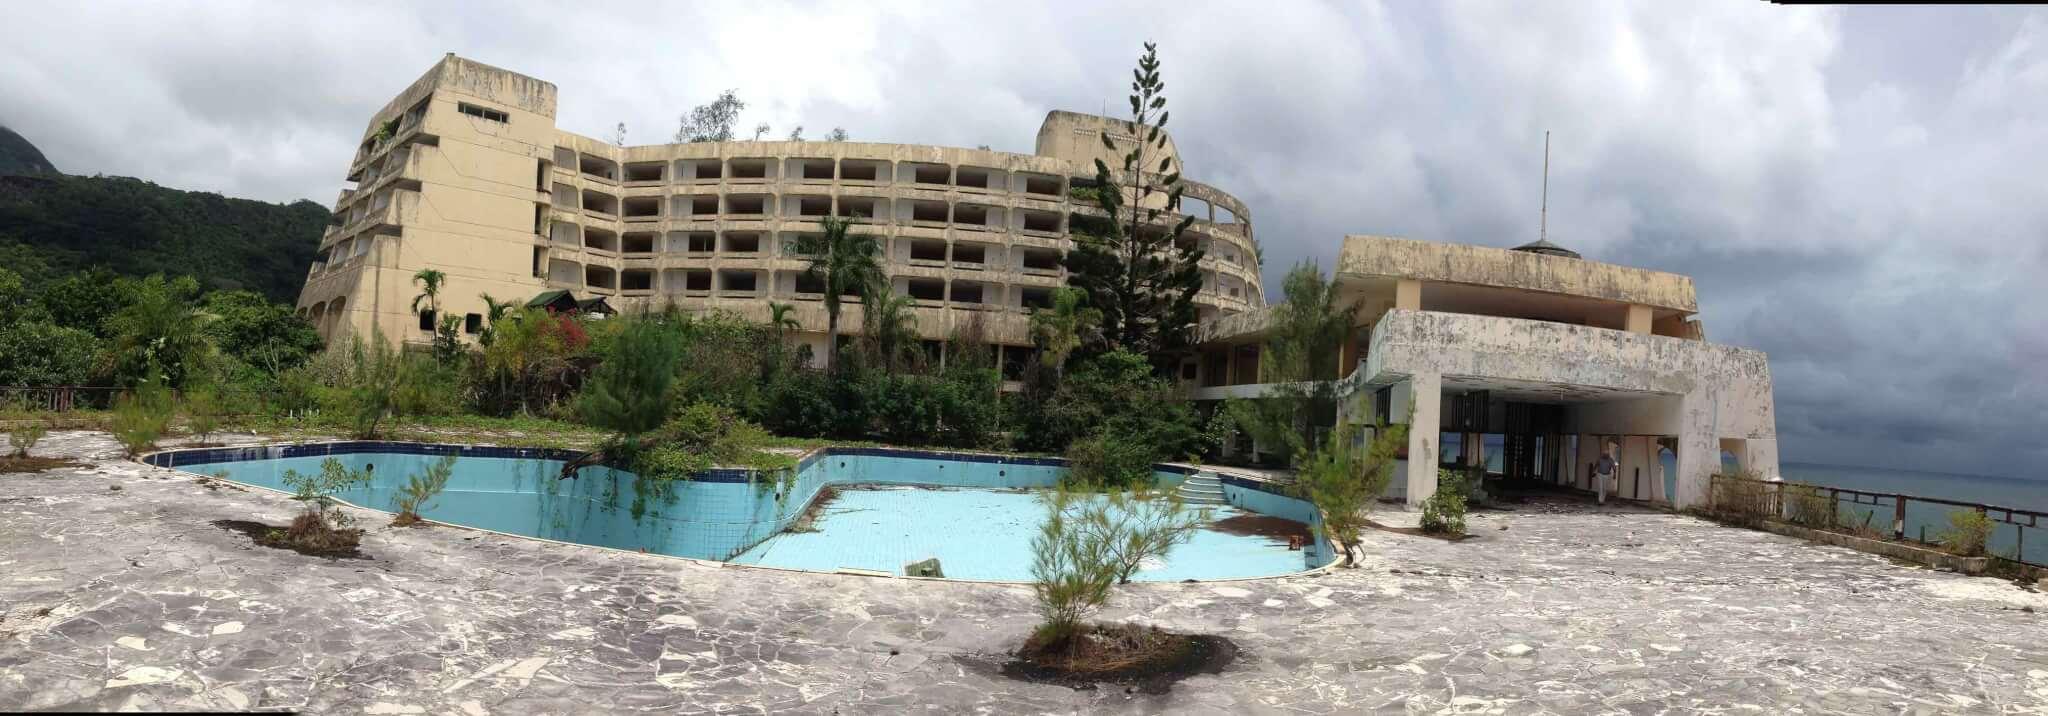 mahe-beach-hotel-01